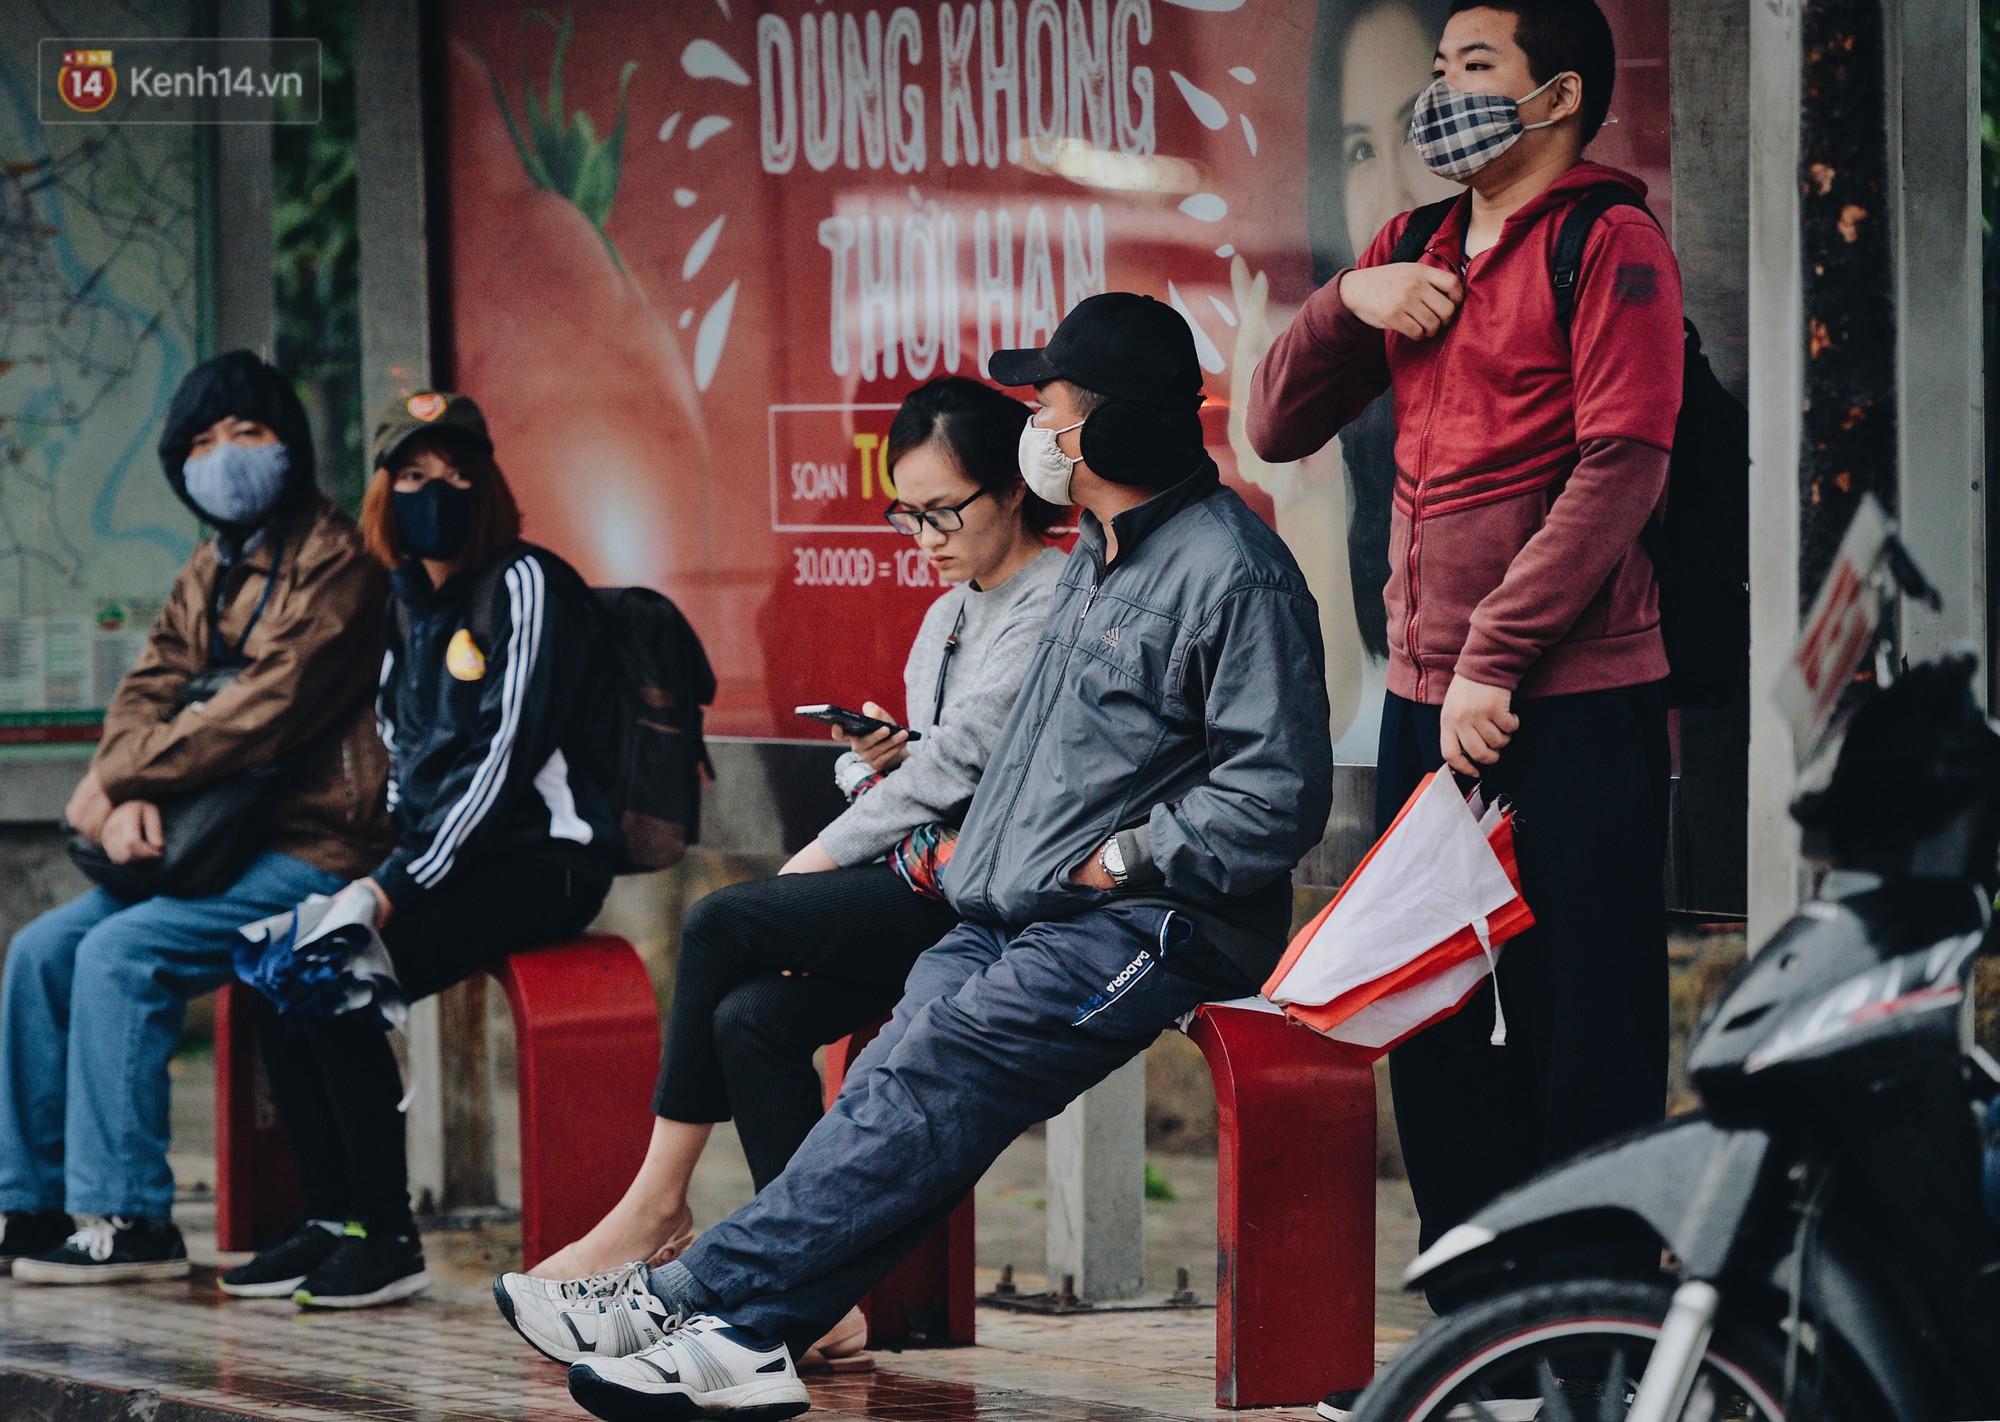 Chùm ảnh: Sau một đêm trở gió Hà Nội mưa lạnh xuống đến 17 độ C, người dân co ro ra đường - Ảnh 14.